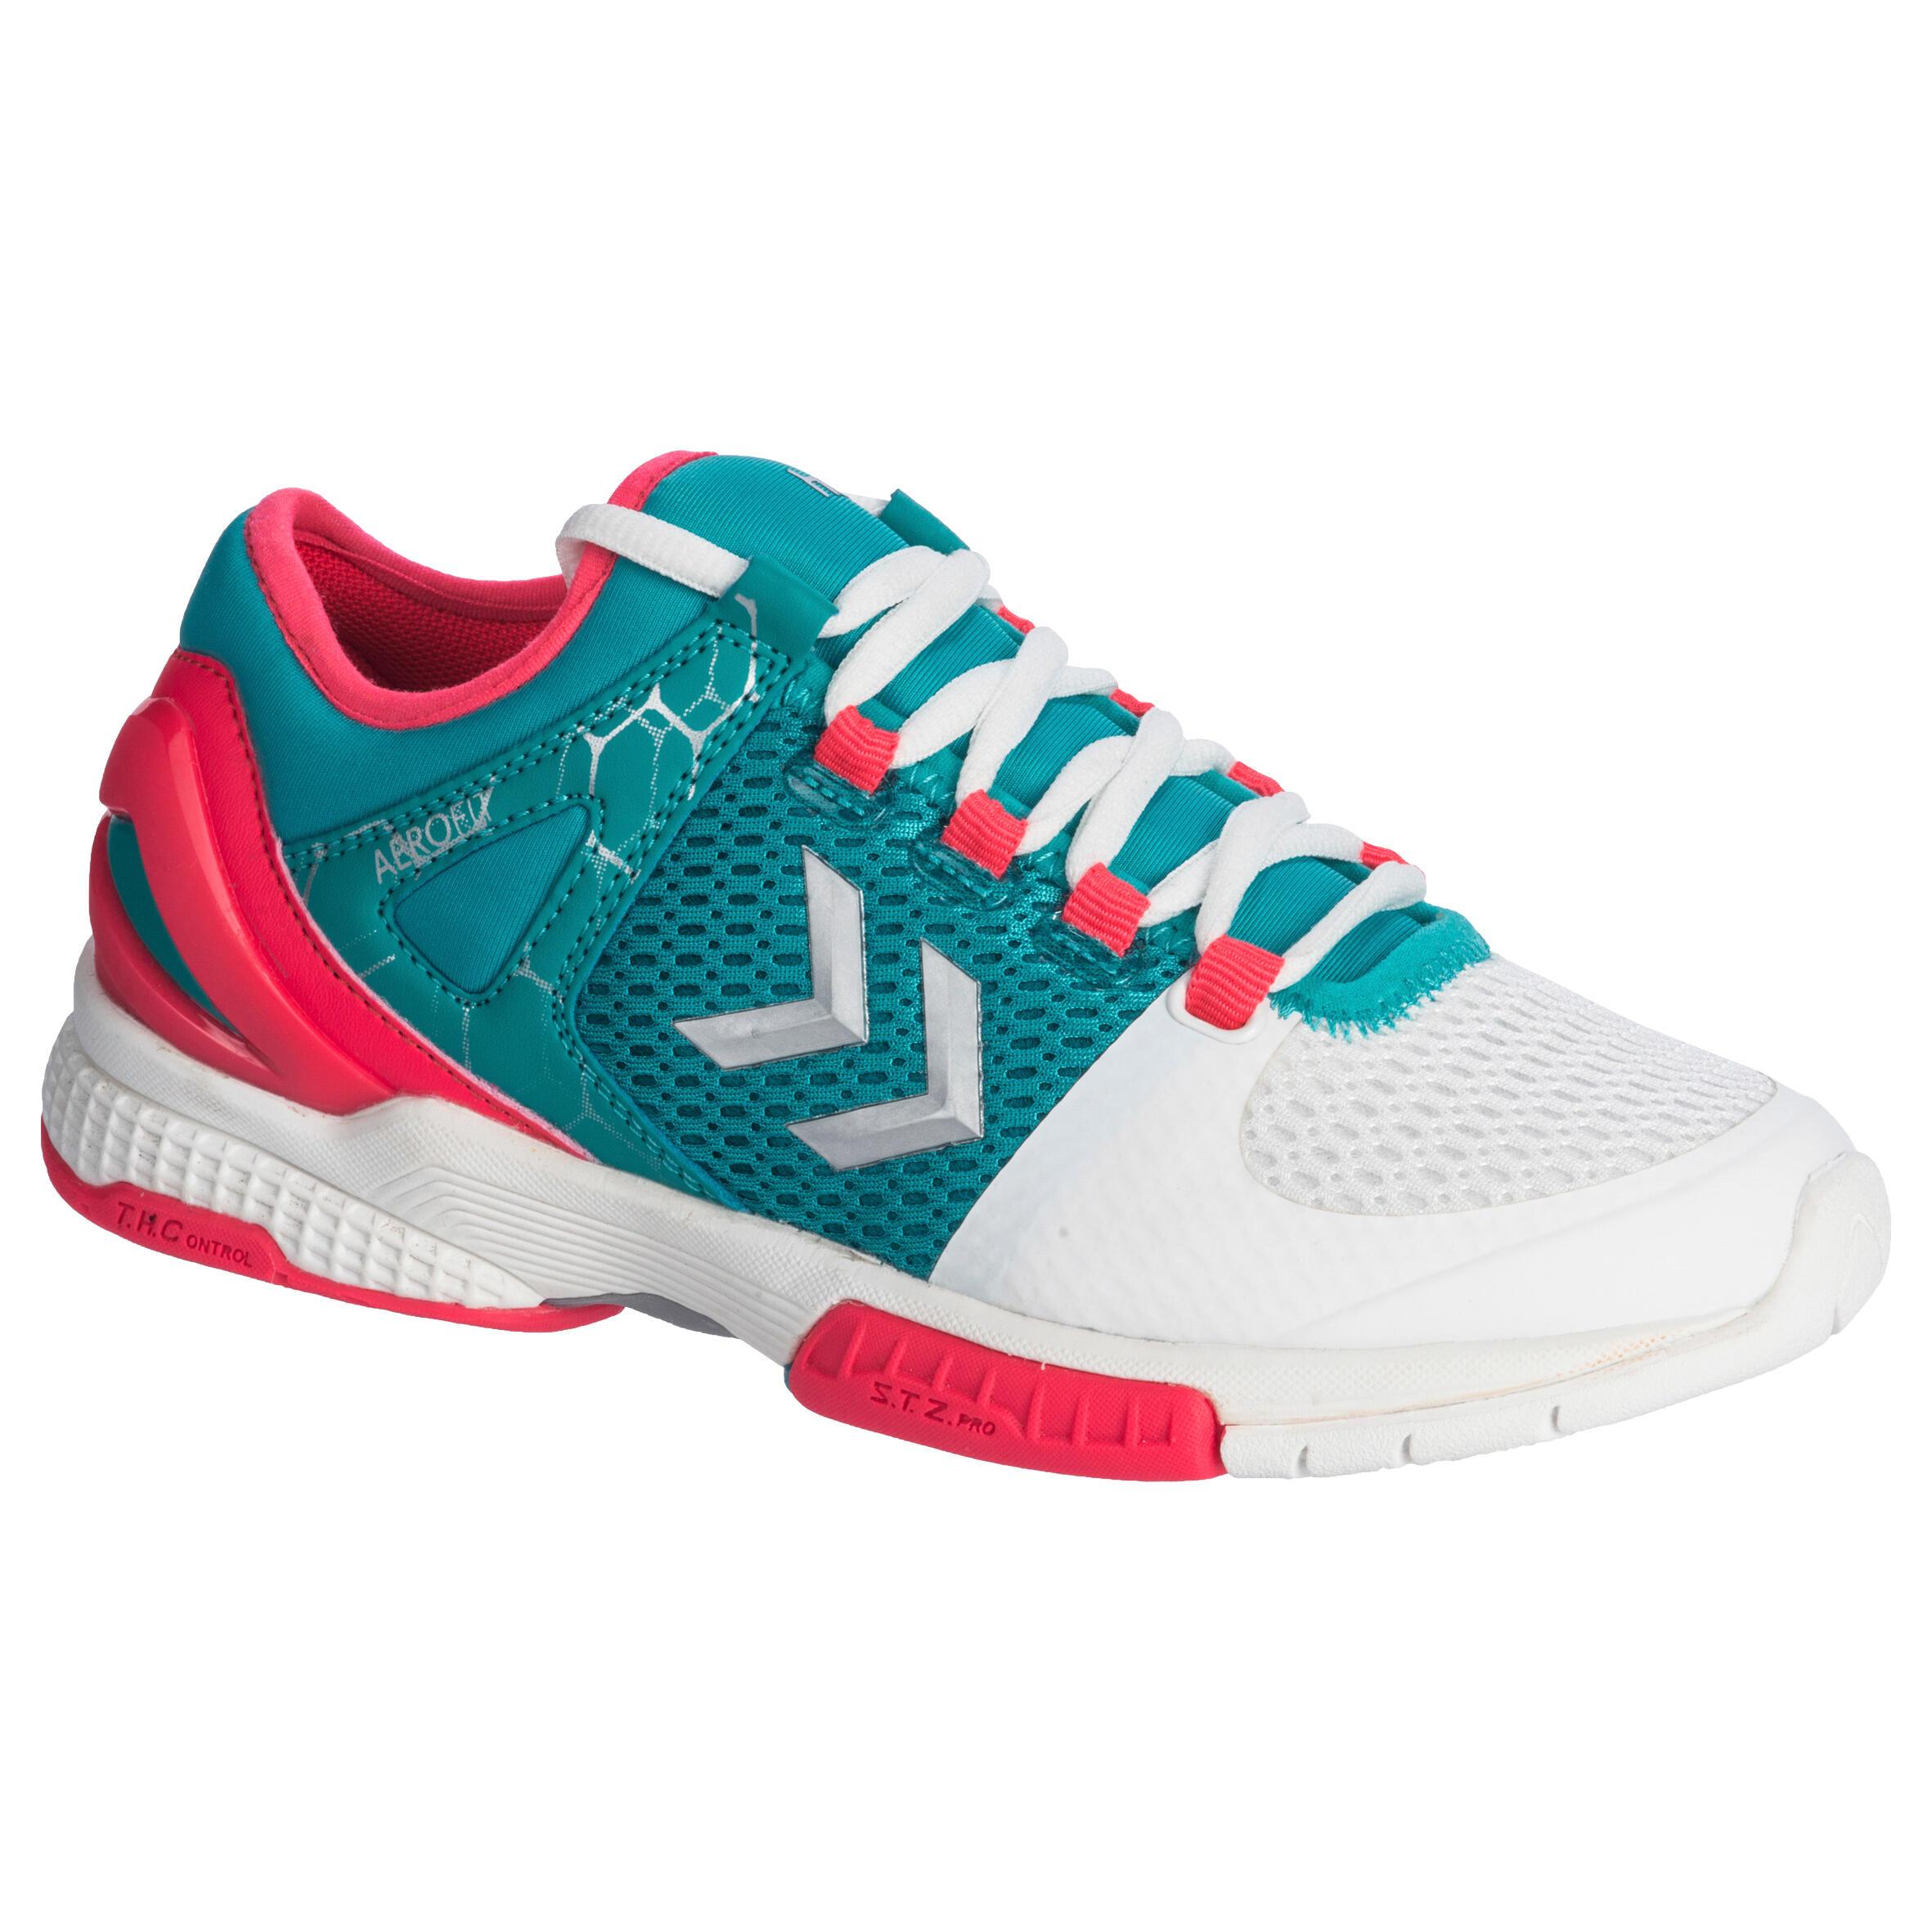 Handballschuhe HB 200 Aerocharge Damen türkis/pink | Schuhe > Sportschuhe > Handballschuhe | Hummel